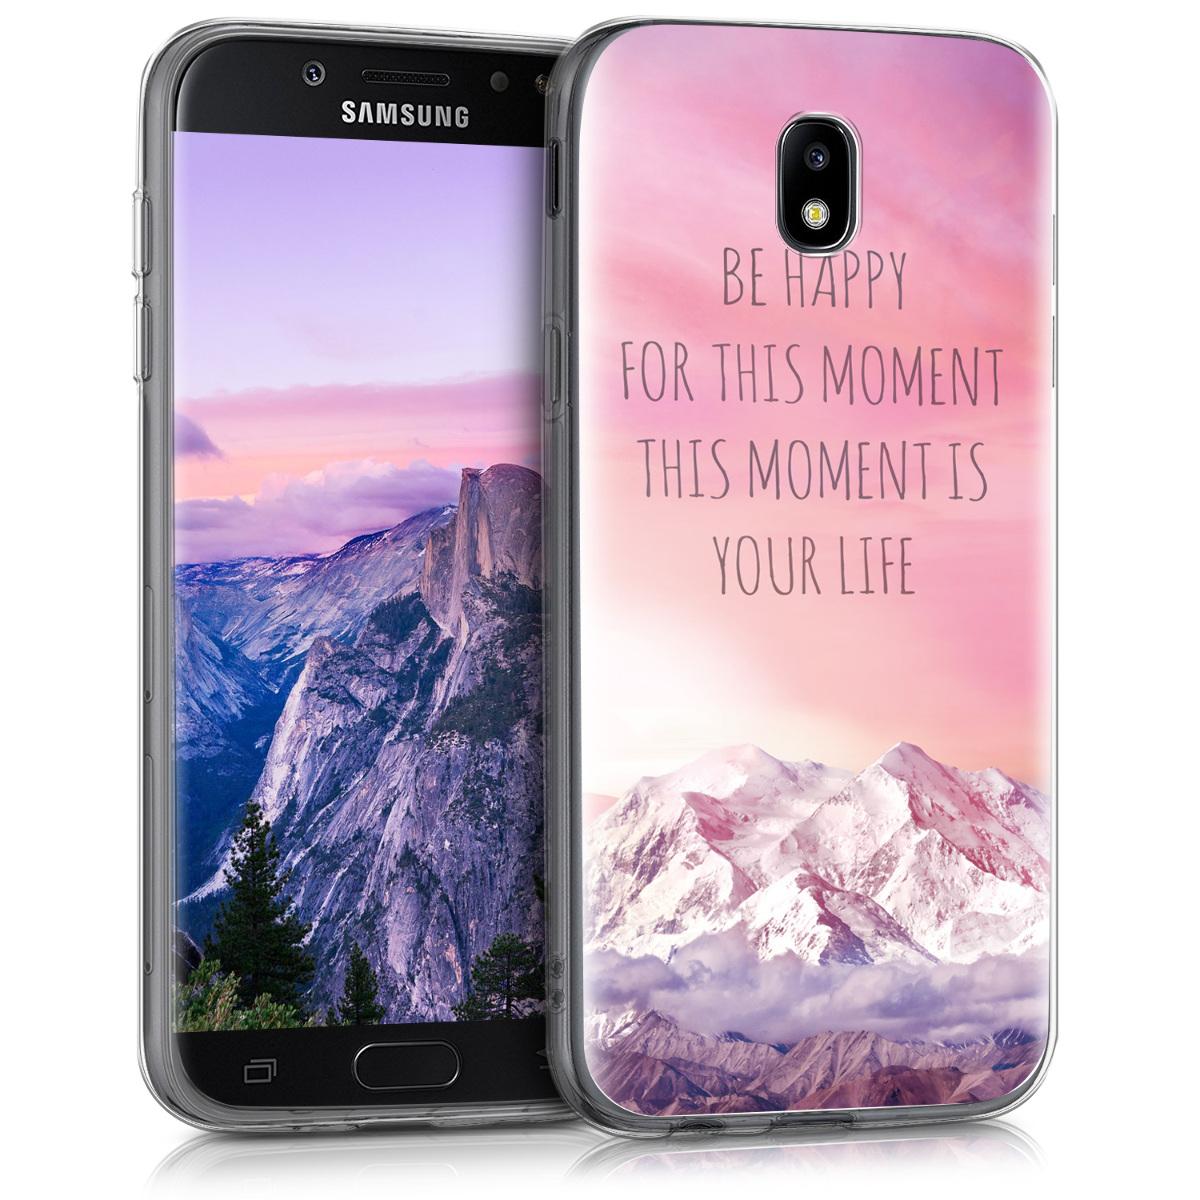 Kvalitní silikonové TPU pouzdro pro Samsung J5 (2017) DUOS - Be Happy Moment světle  růžová / fialová / korálově oranžové